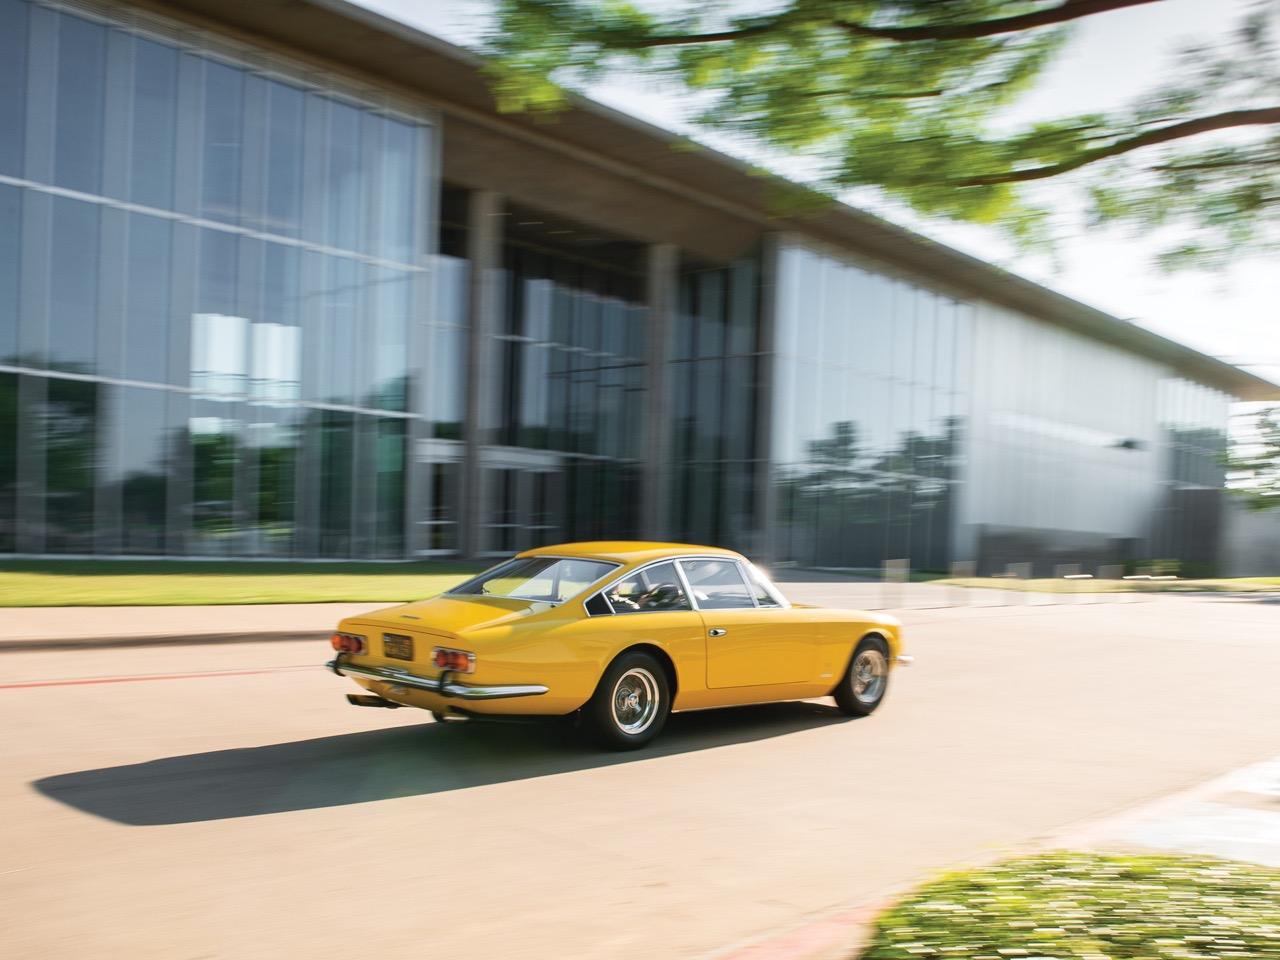 '68 Ferrari 365 GT 2+2 - Le charme des familiales ! 37